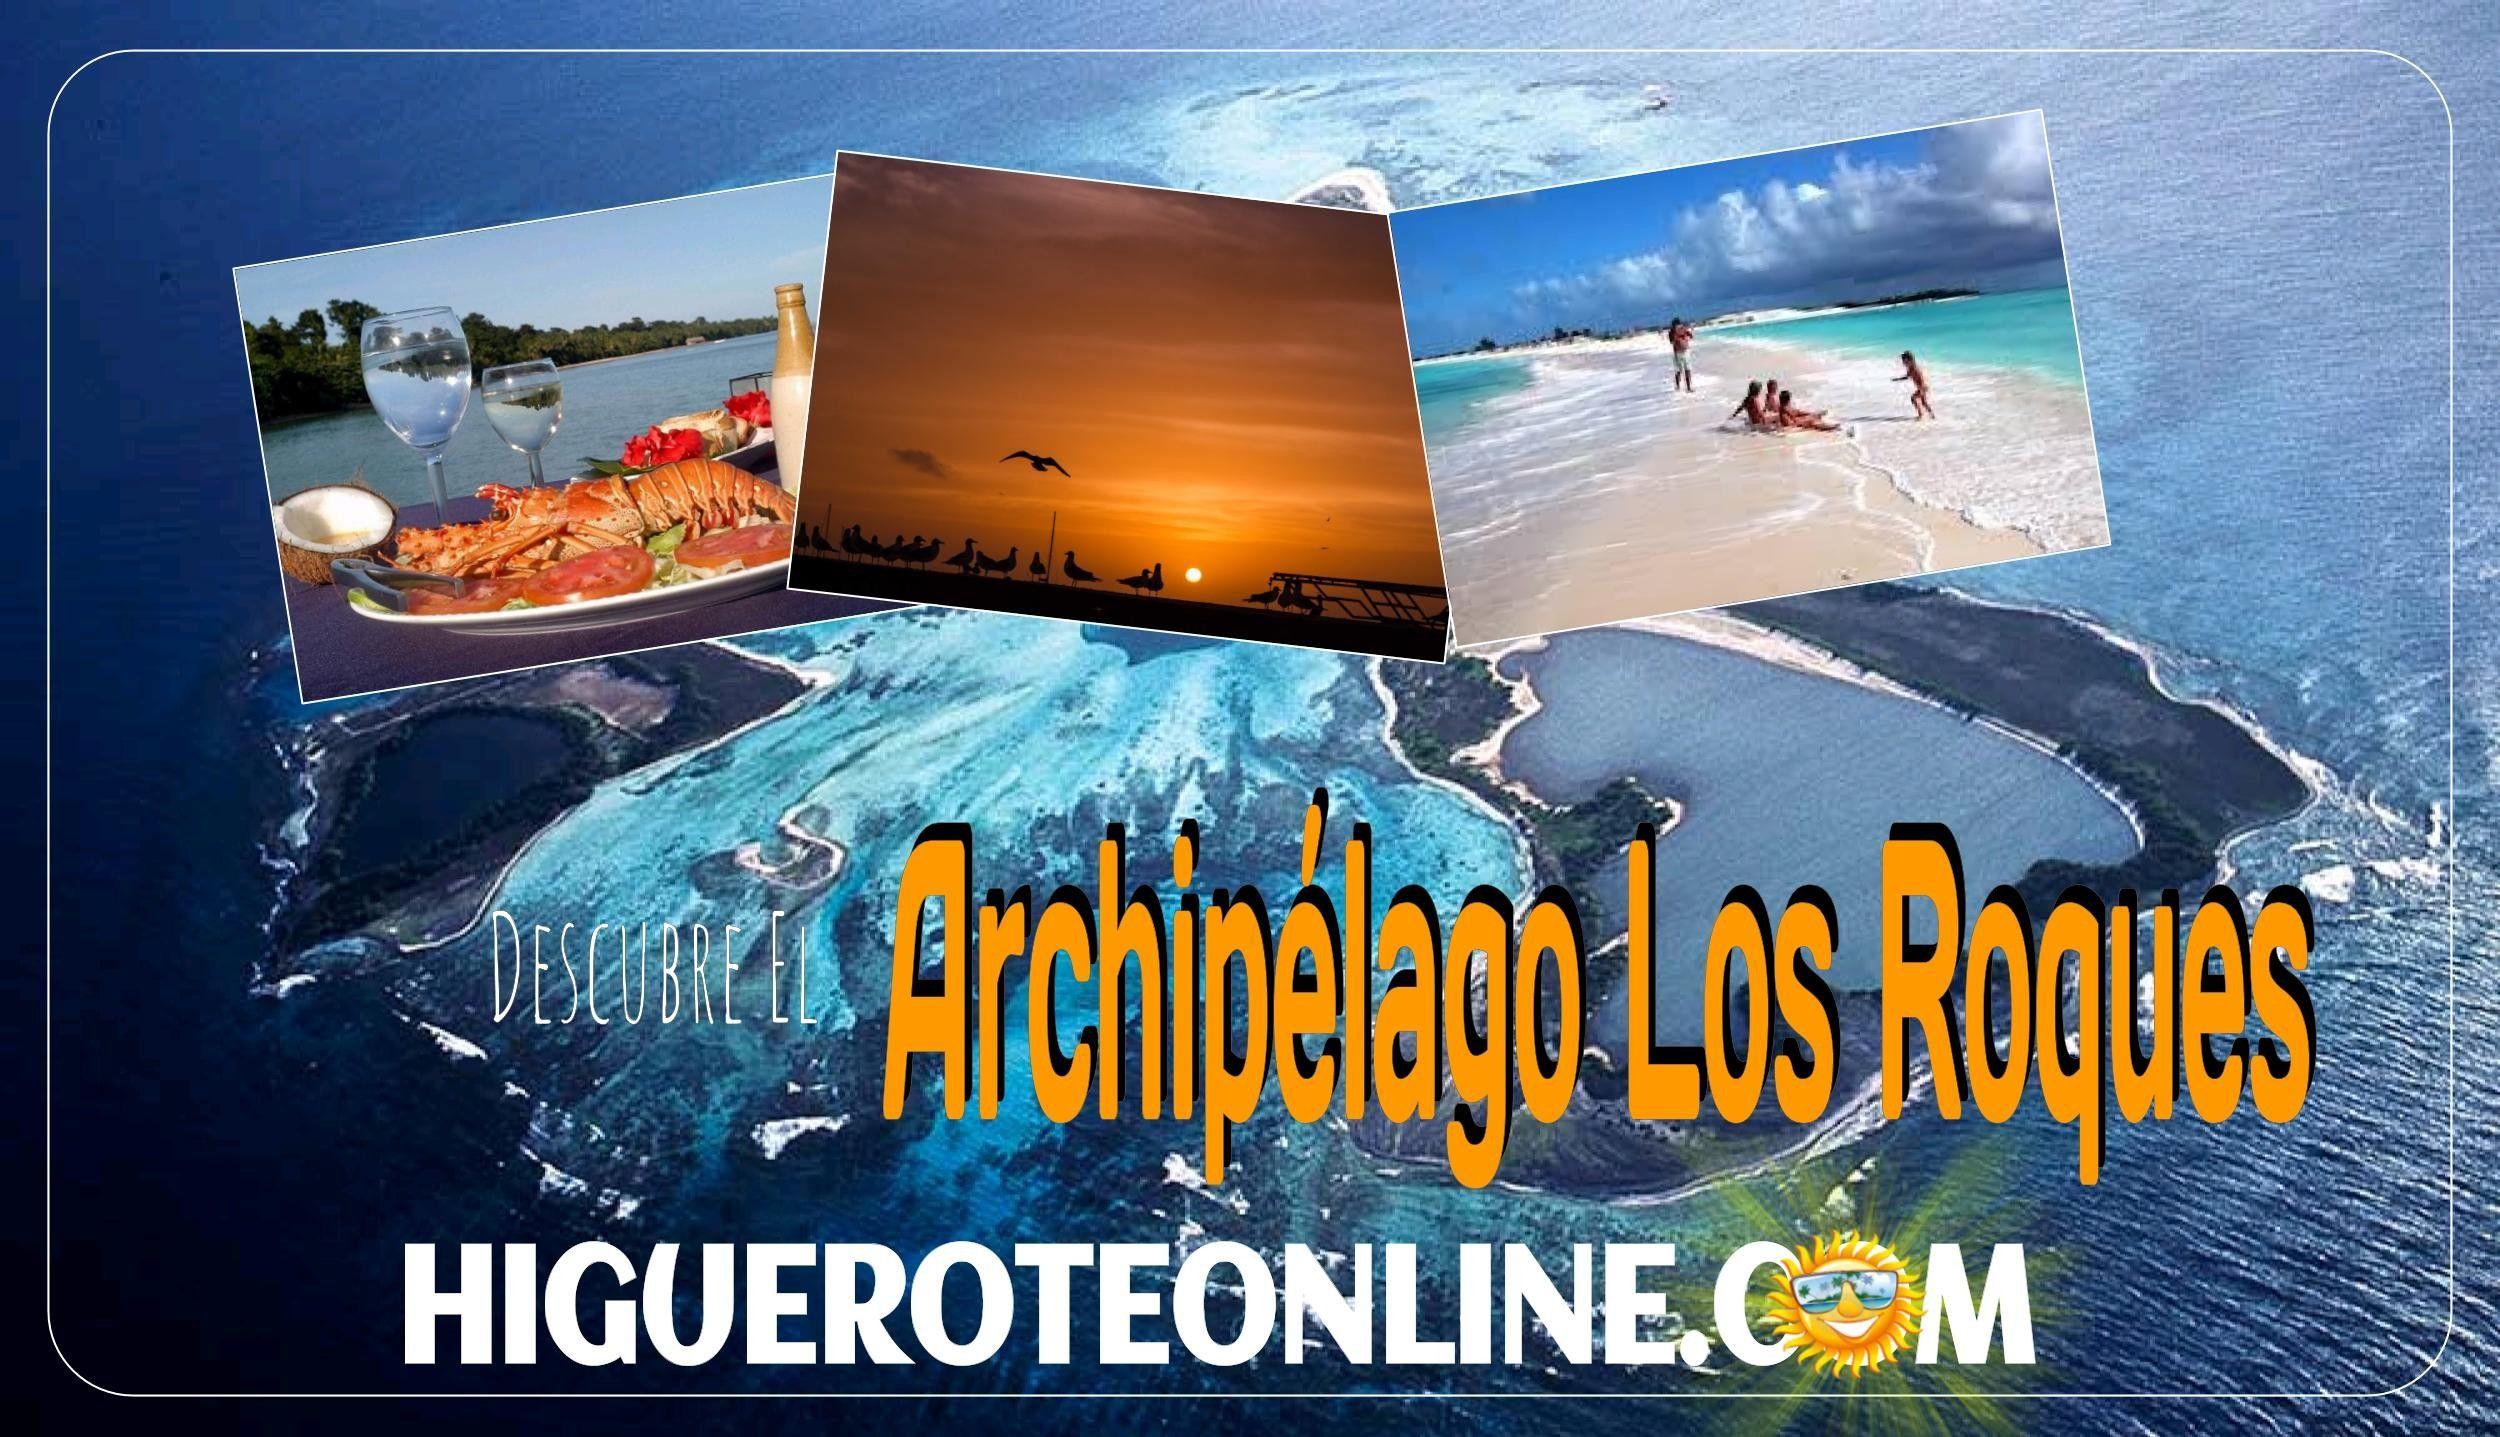 Promociones a la Isla Los Roques desde Higuerote